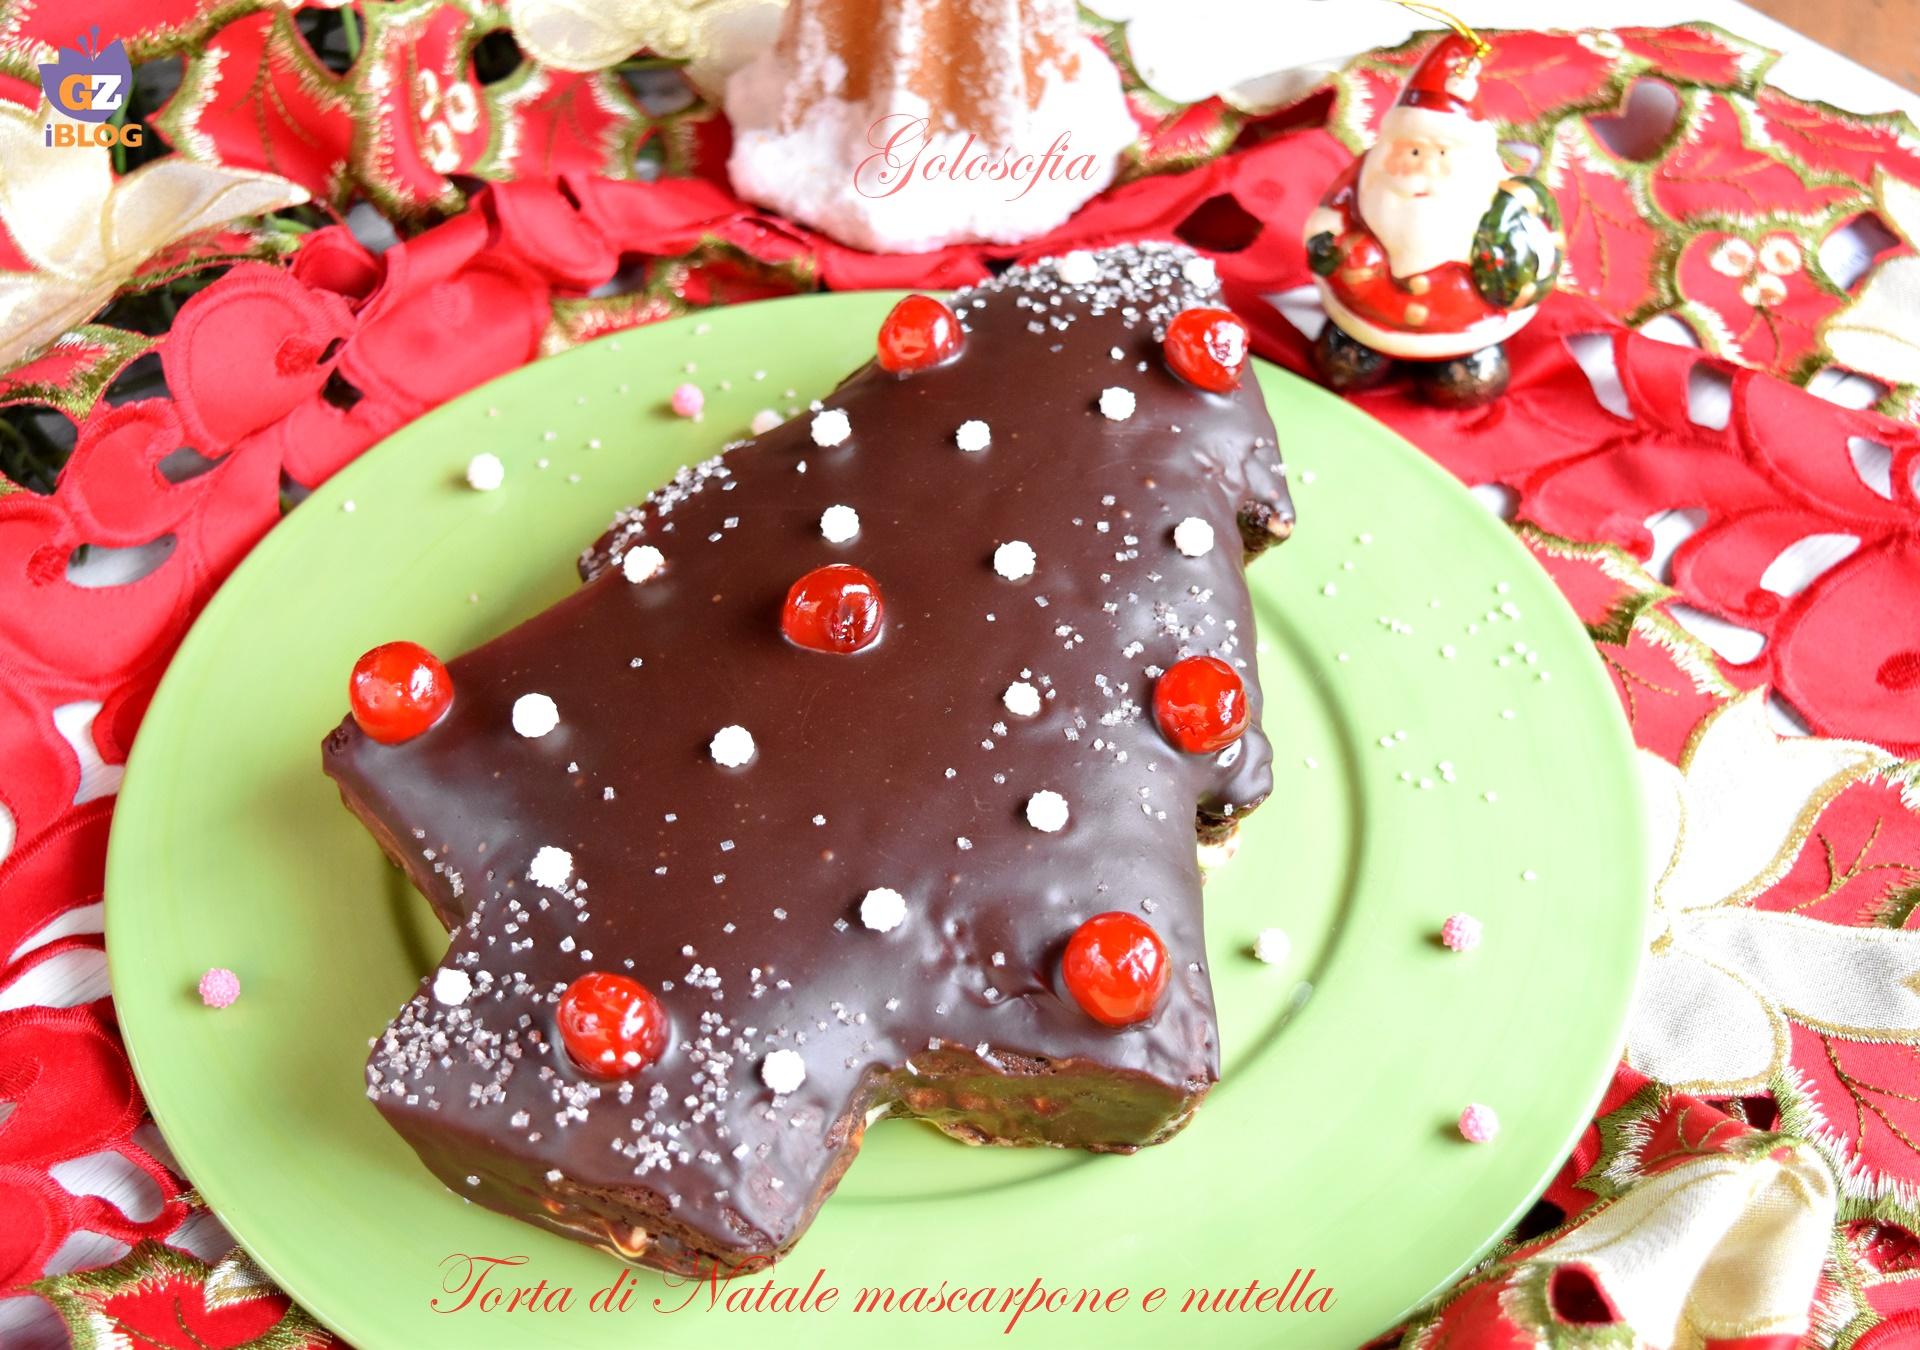 Torta di Natale mascarpone e nutella-ricetta torte-golosofia